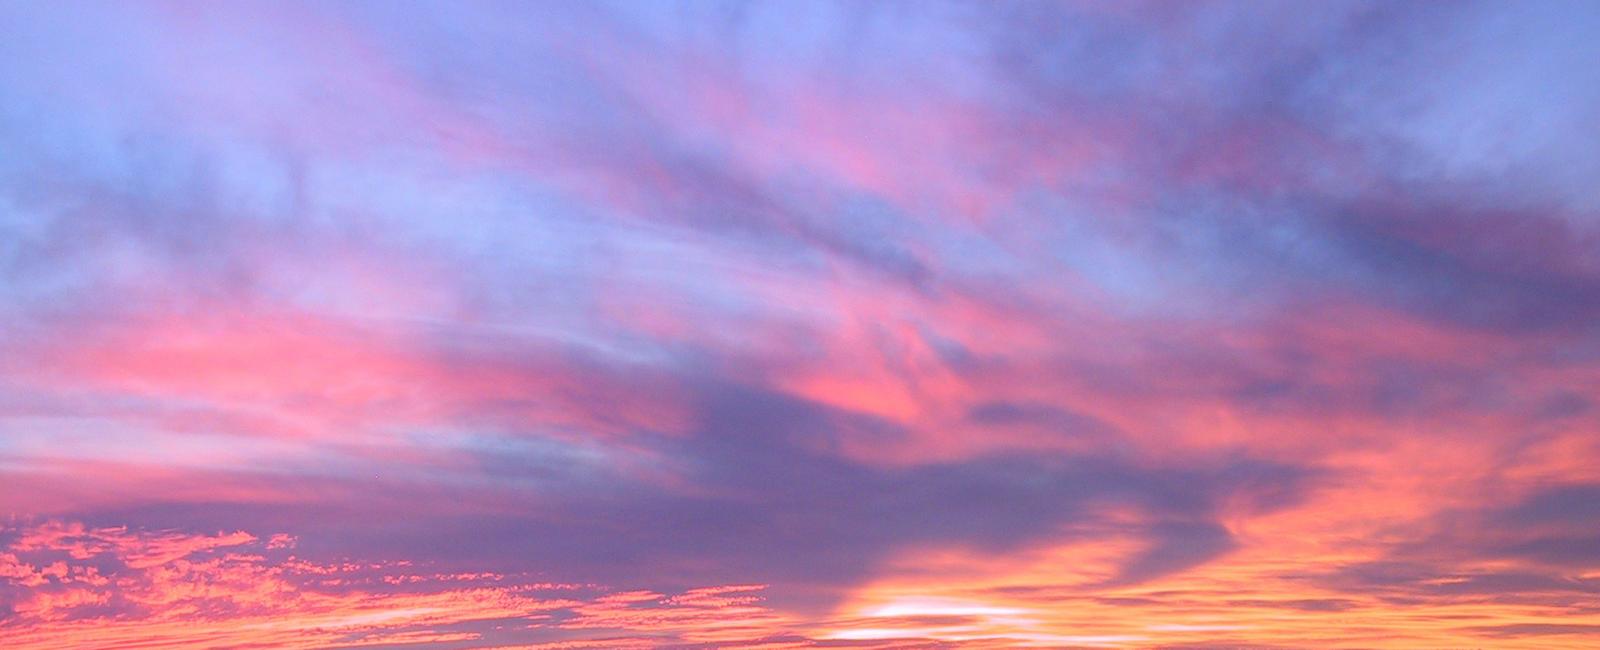 Sunset CLouds (15) by duzulek on DeviantArt